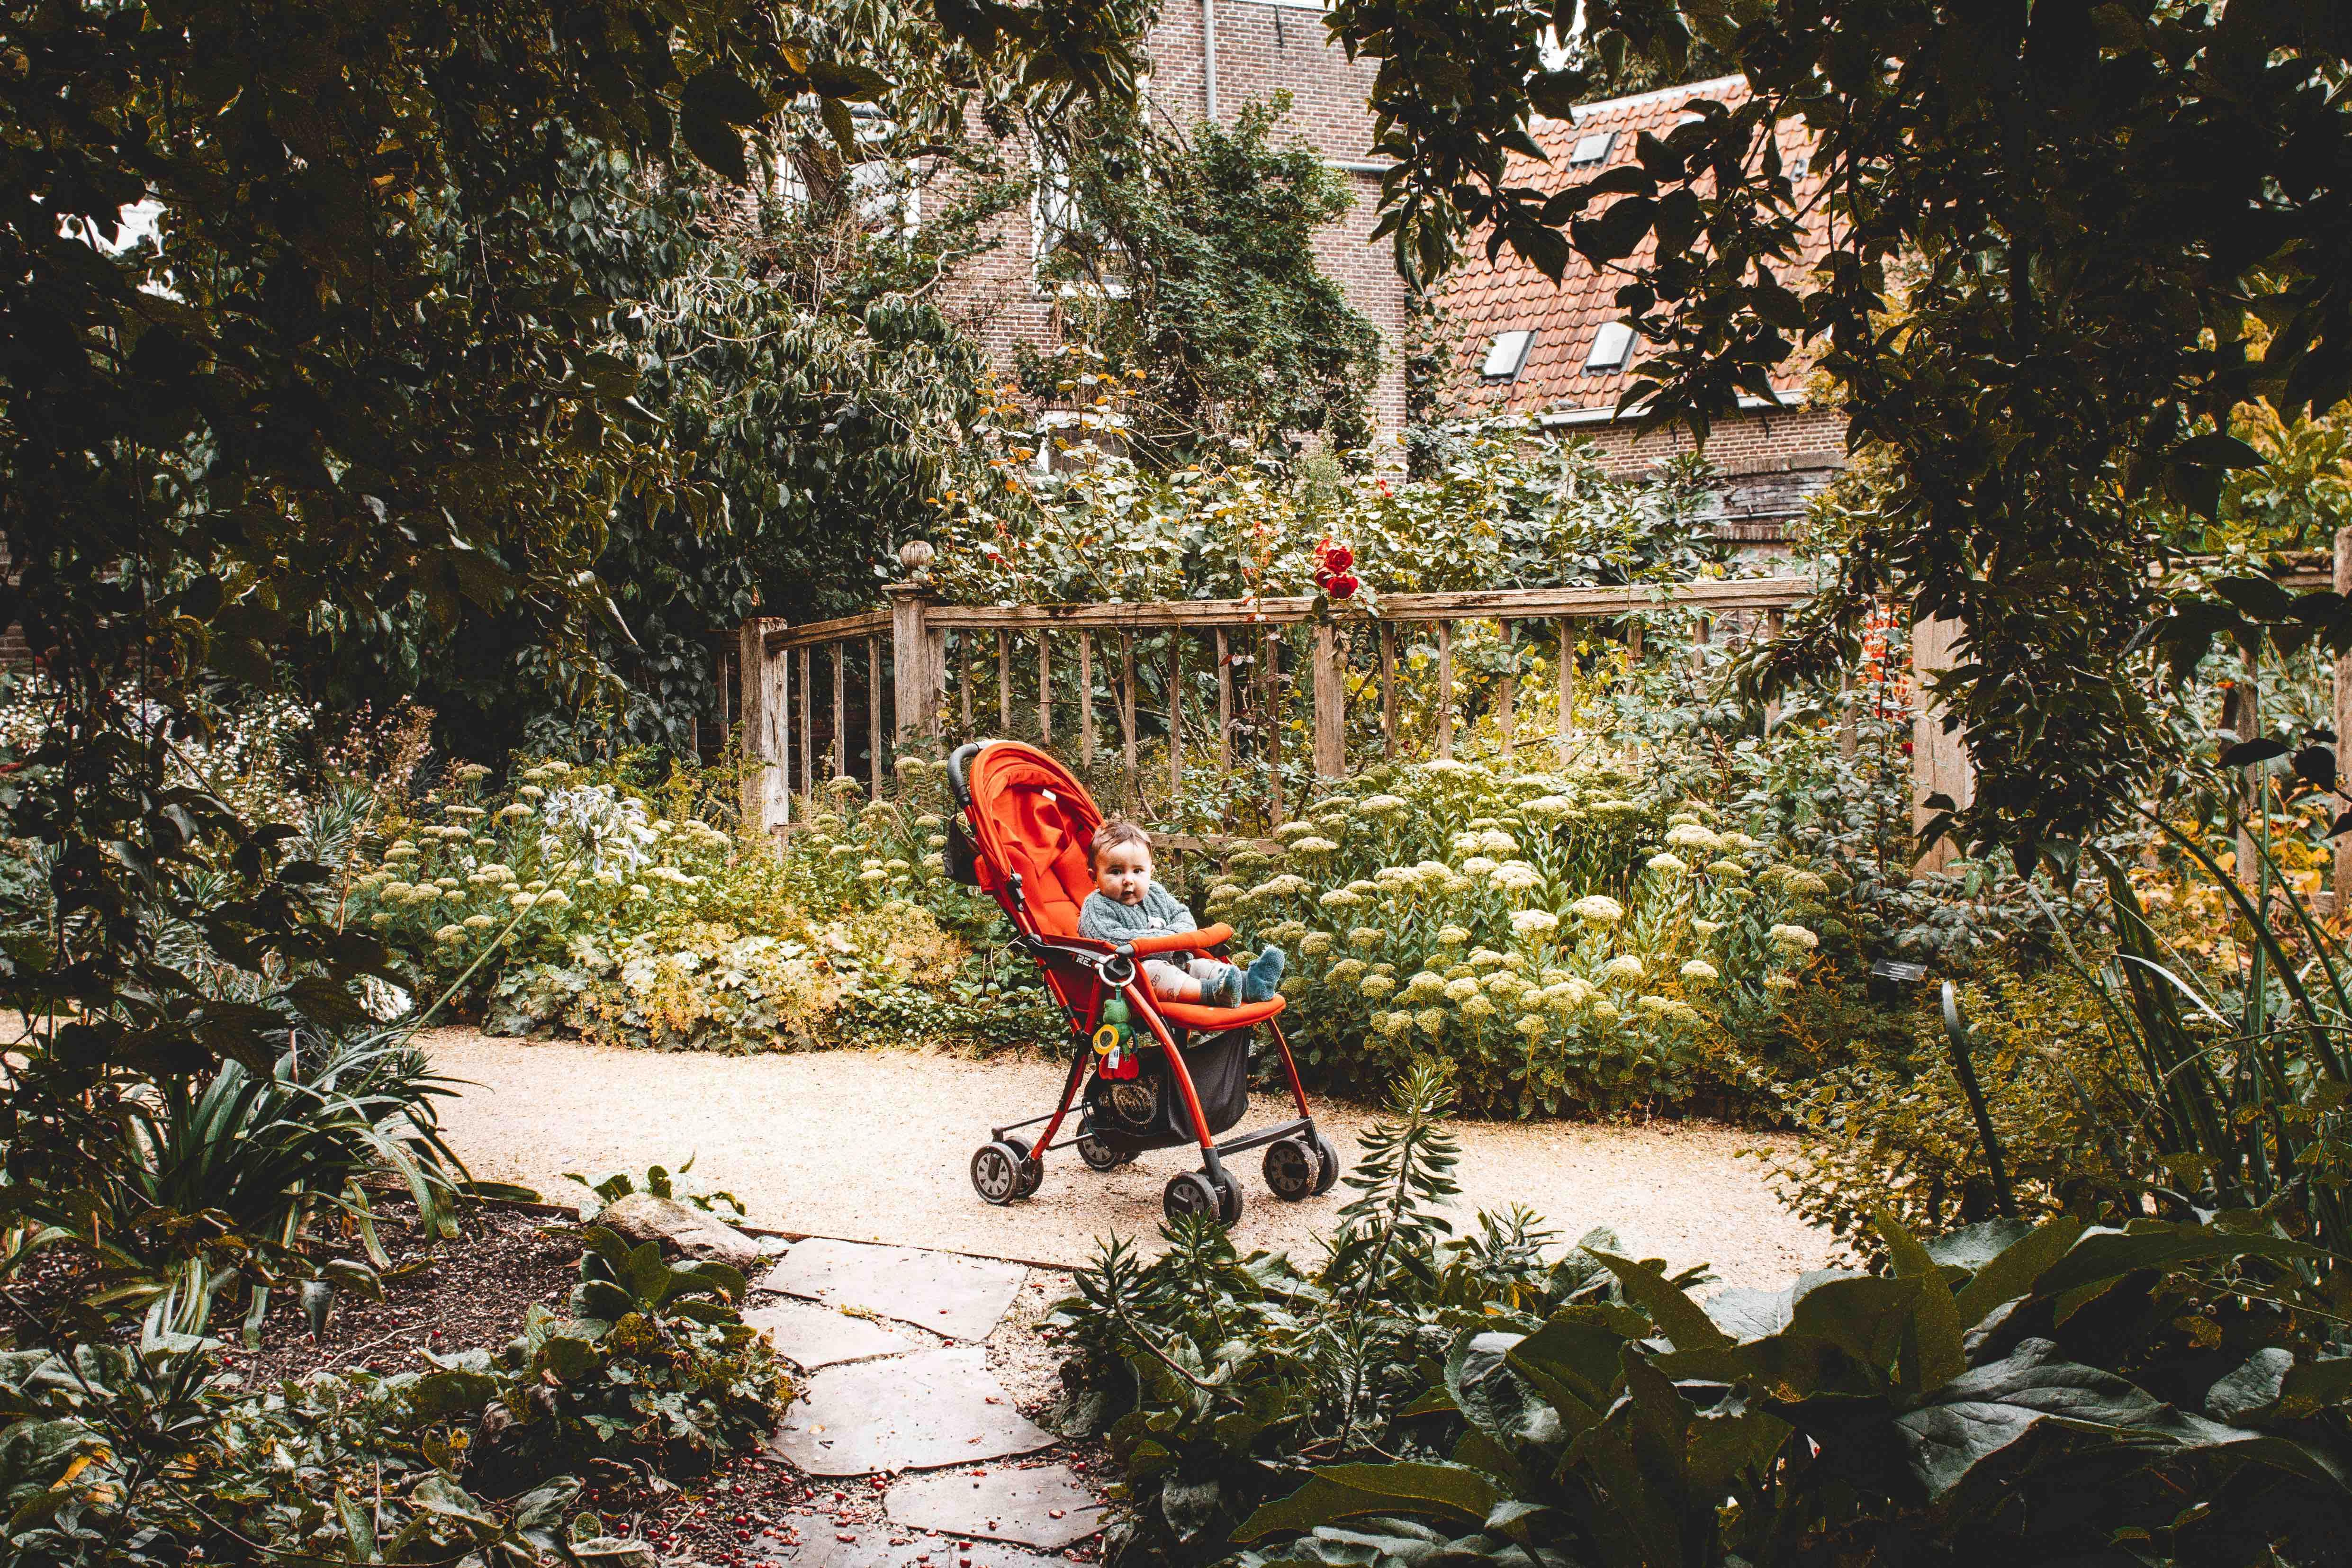 Dall'Italia all'Olanda in macchina: a passaggio nell'orto botanico